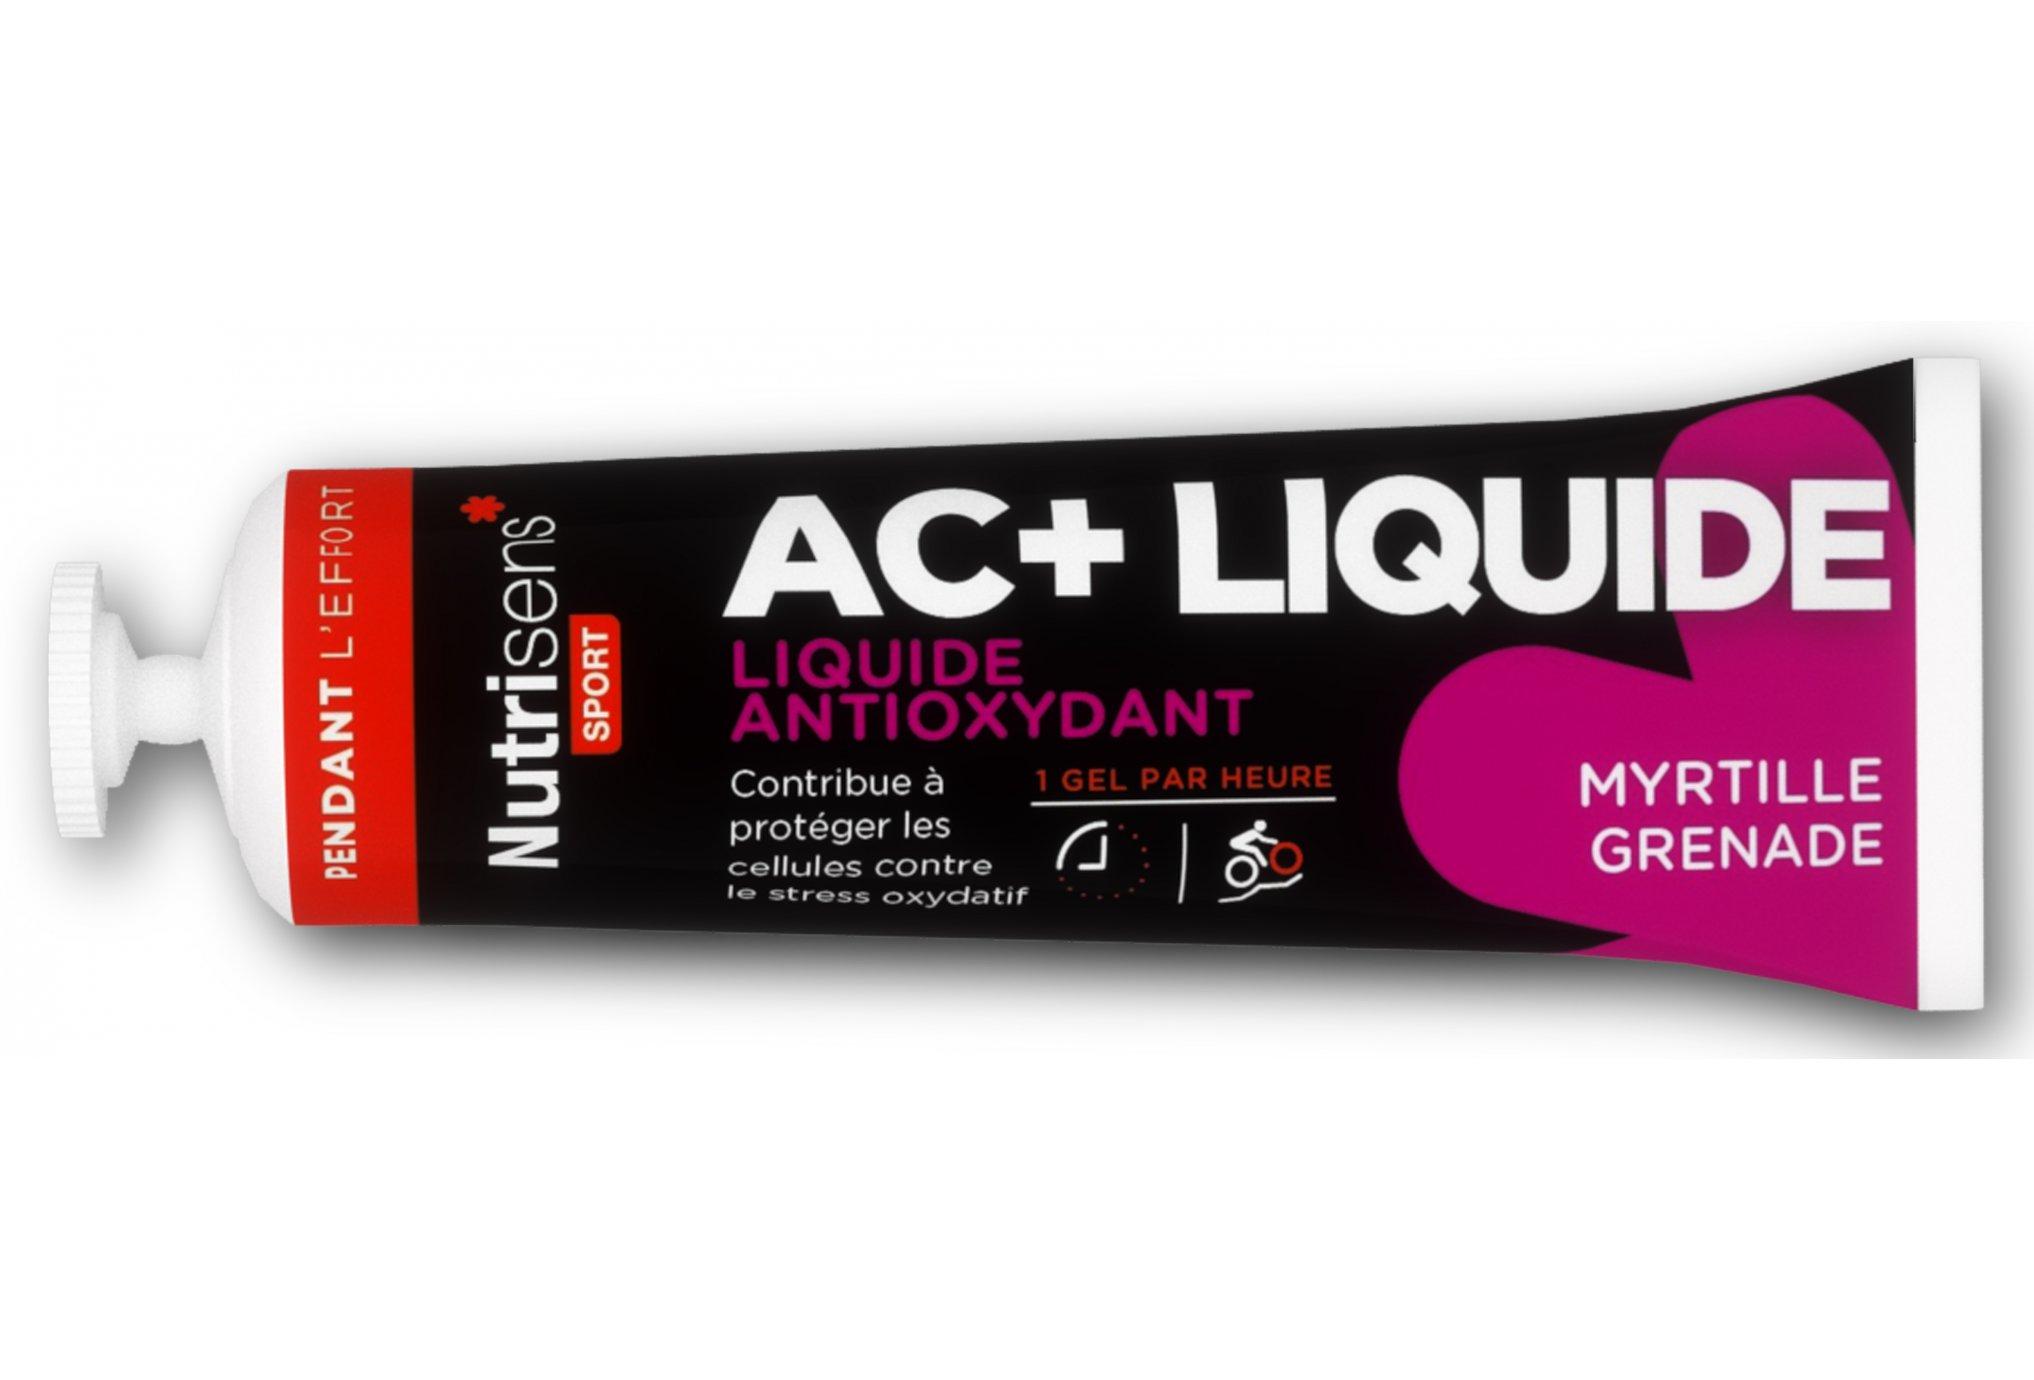 Nutrisens Sport Gel AC+ Anti-oxydant Liquide - Myrtille/Grenade Diététique Gels